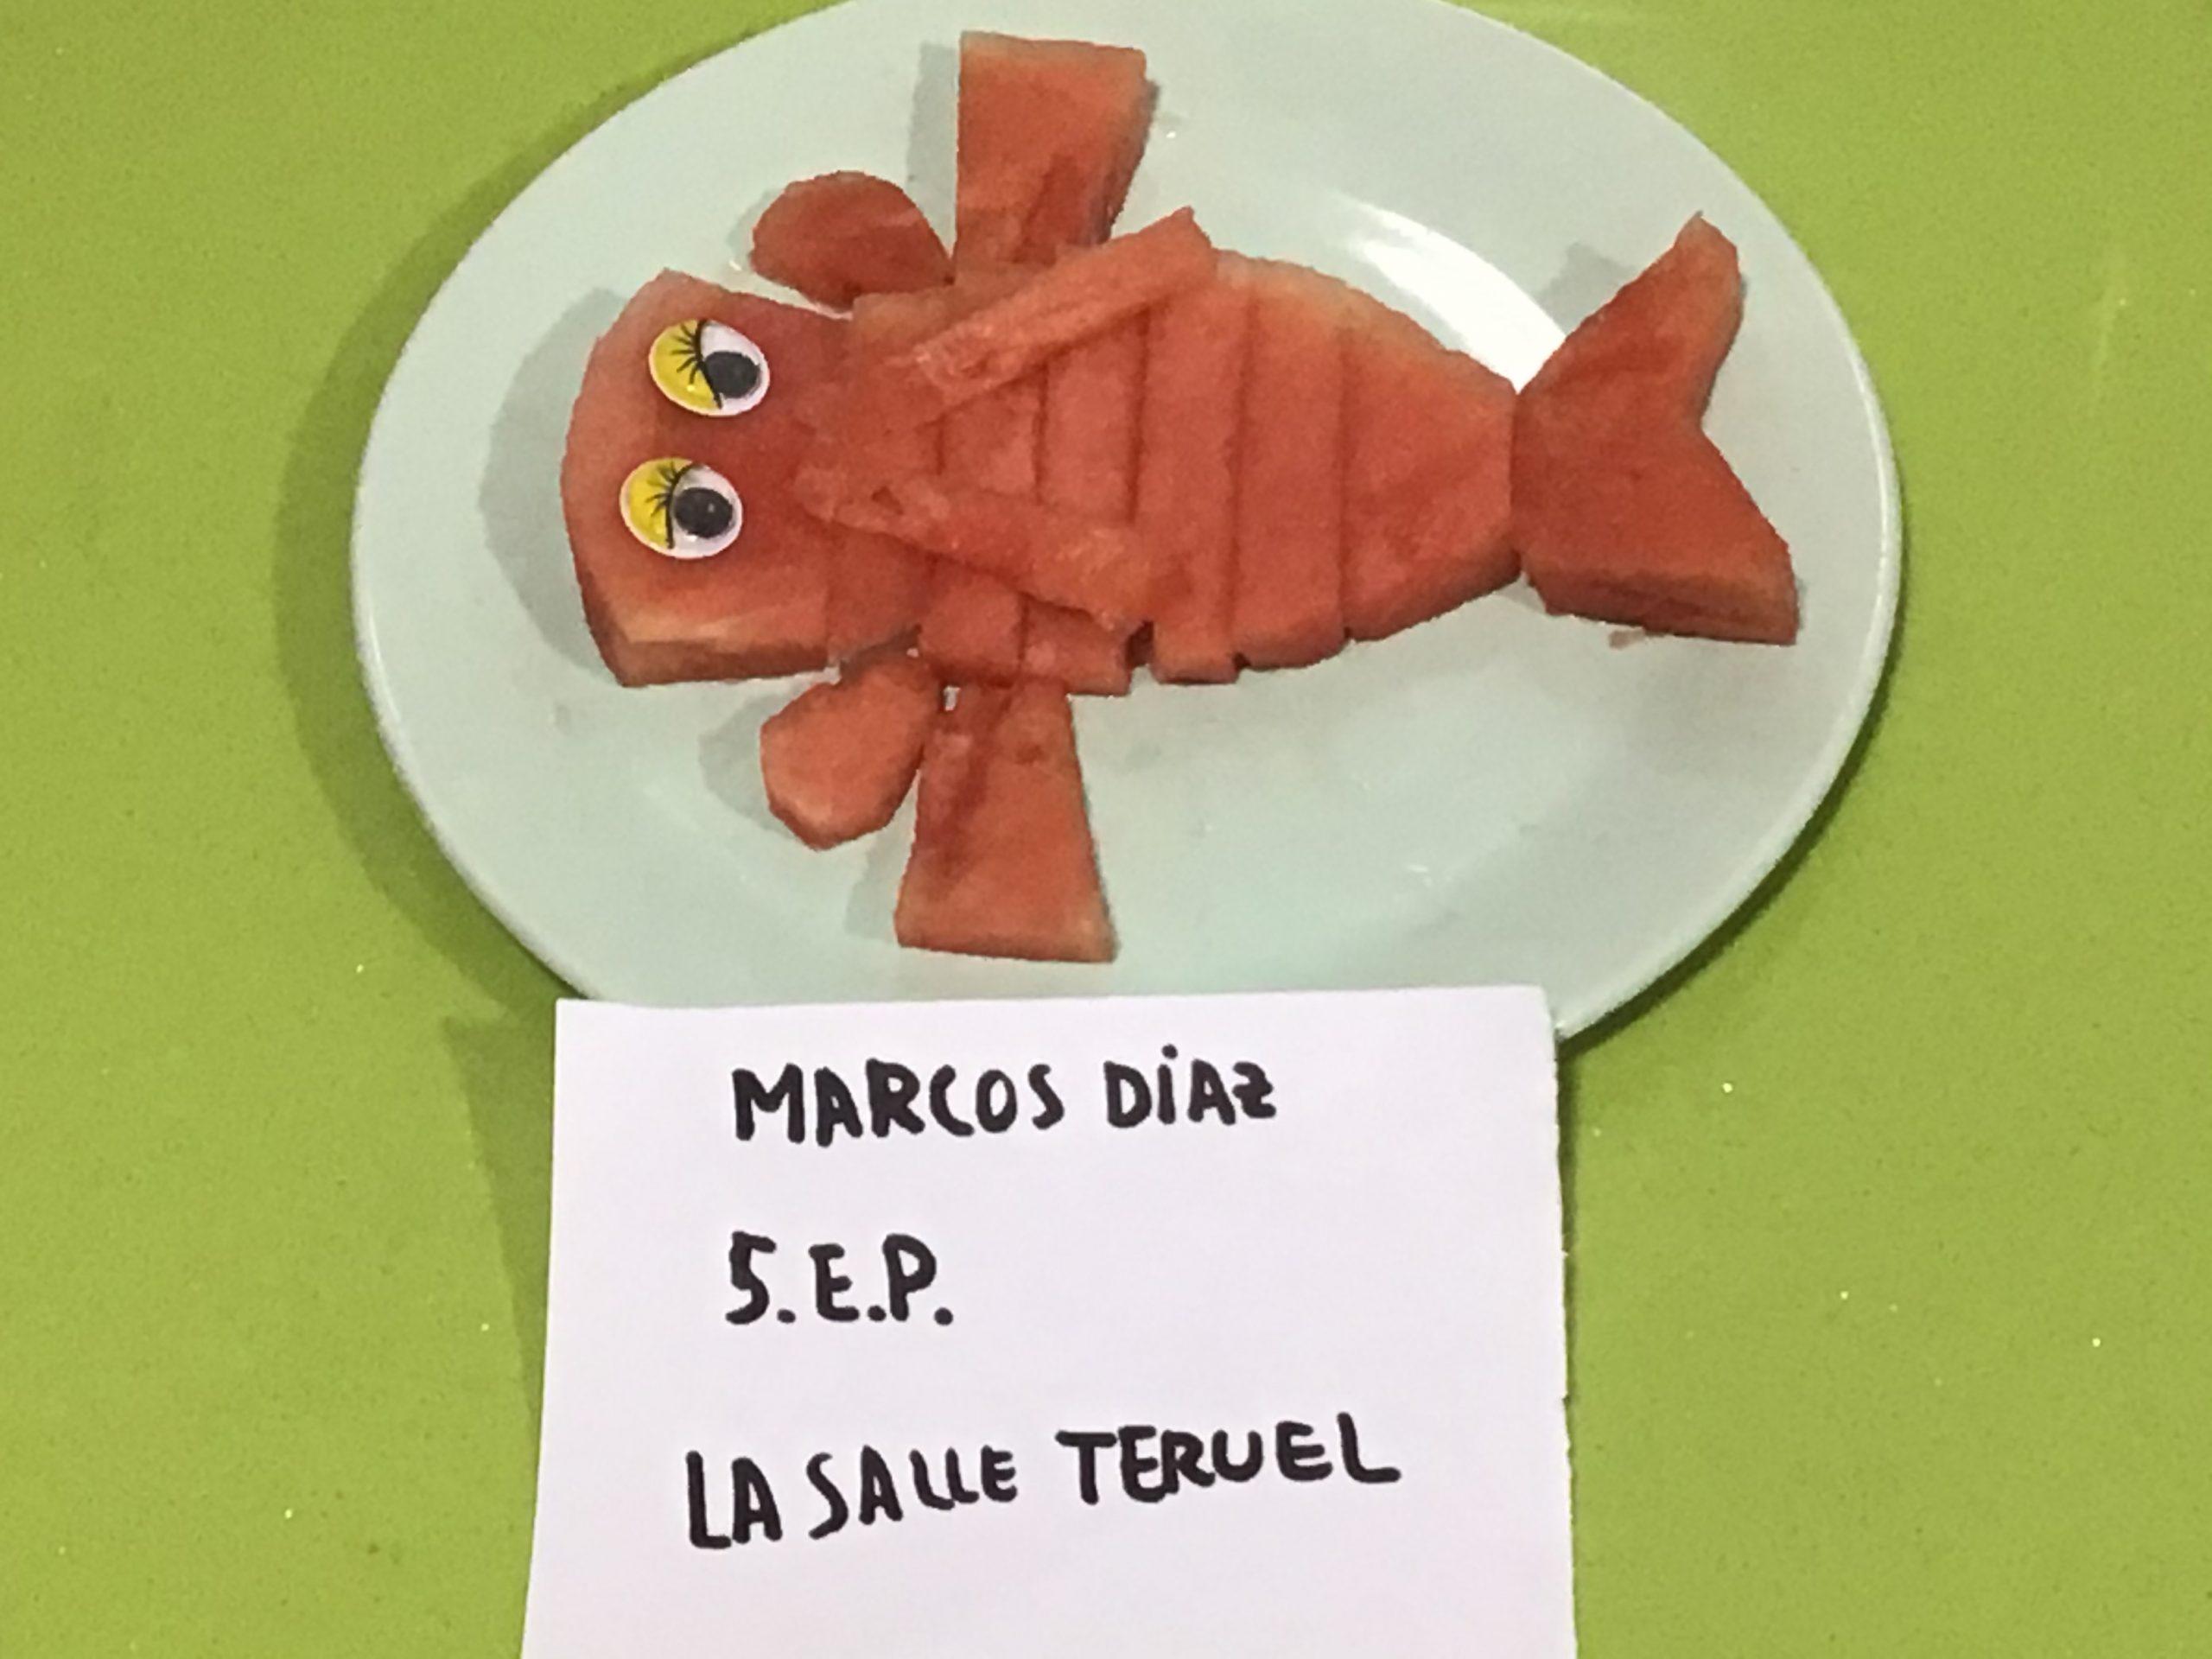 Marcos La Salle Teruel 0246